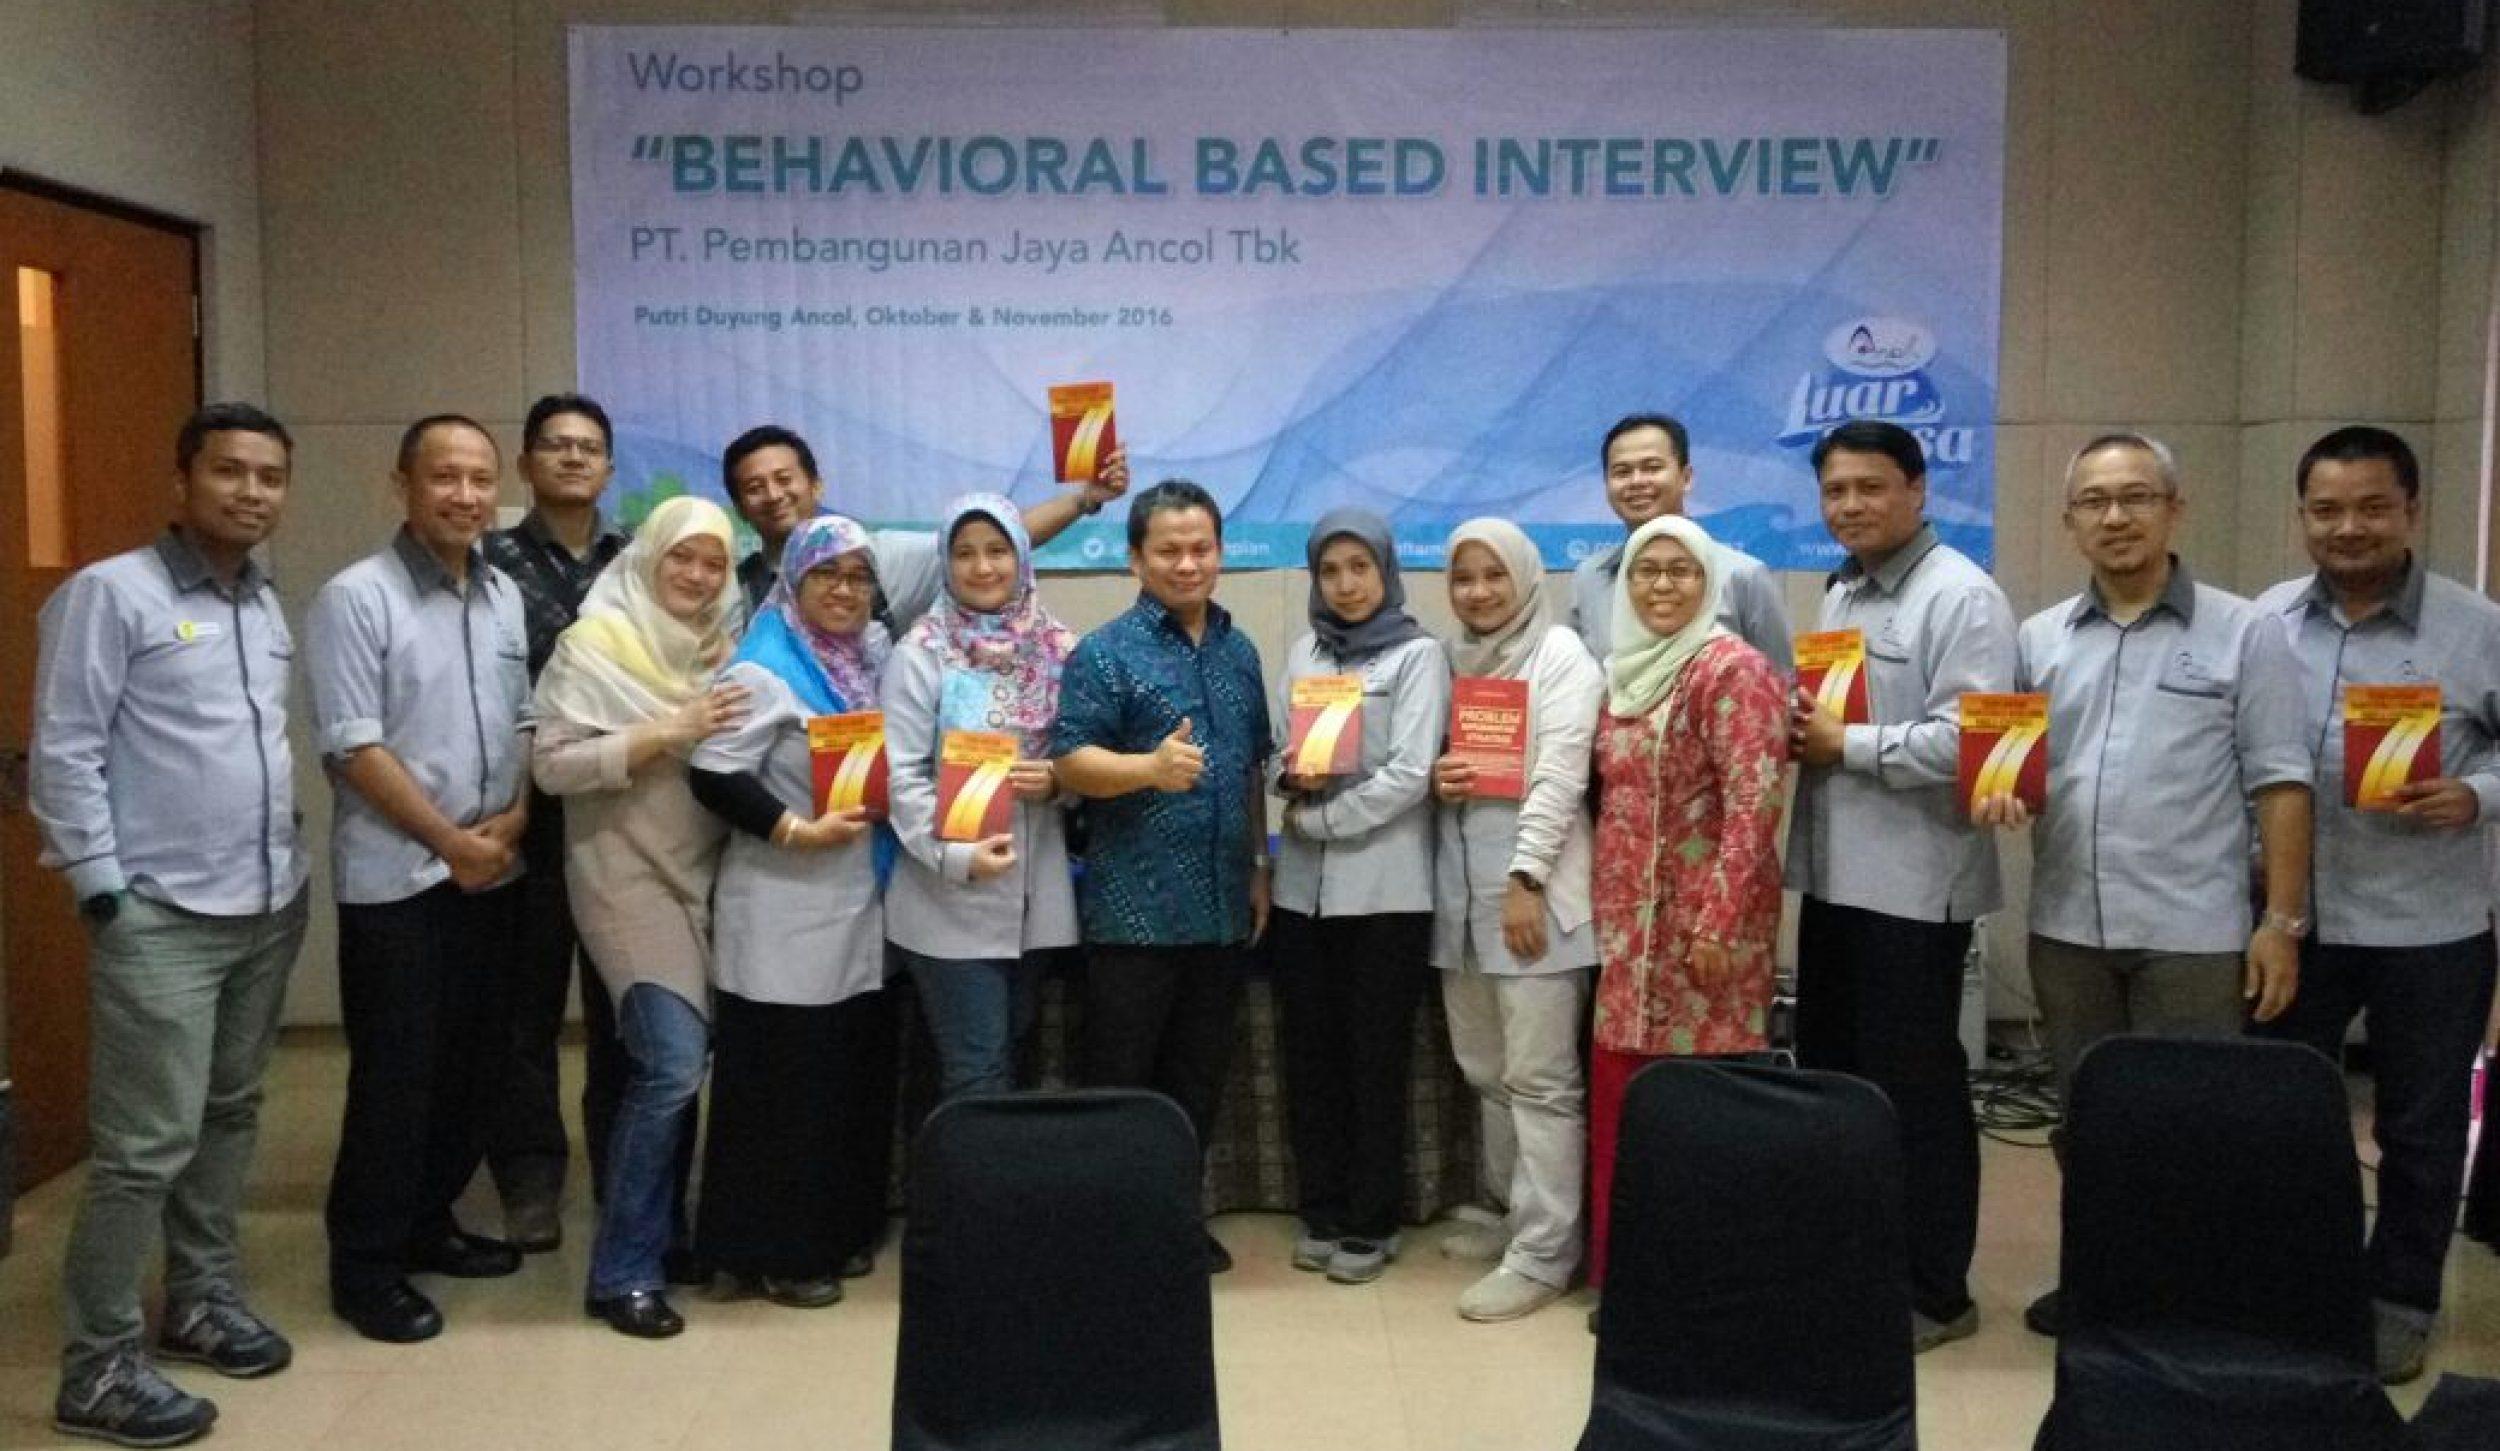 Workshop Behavioral-Based Interview PEMBANGUNAN JAYA ANCOL TBK